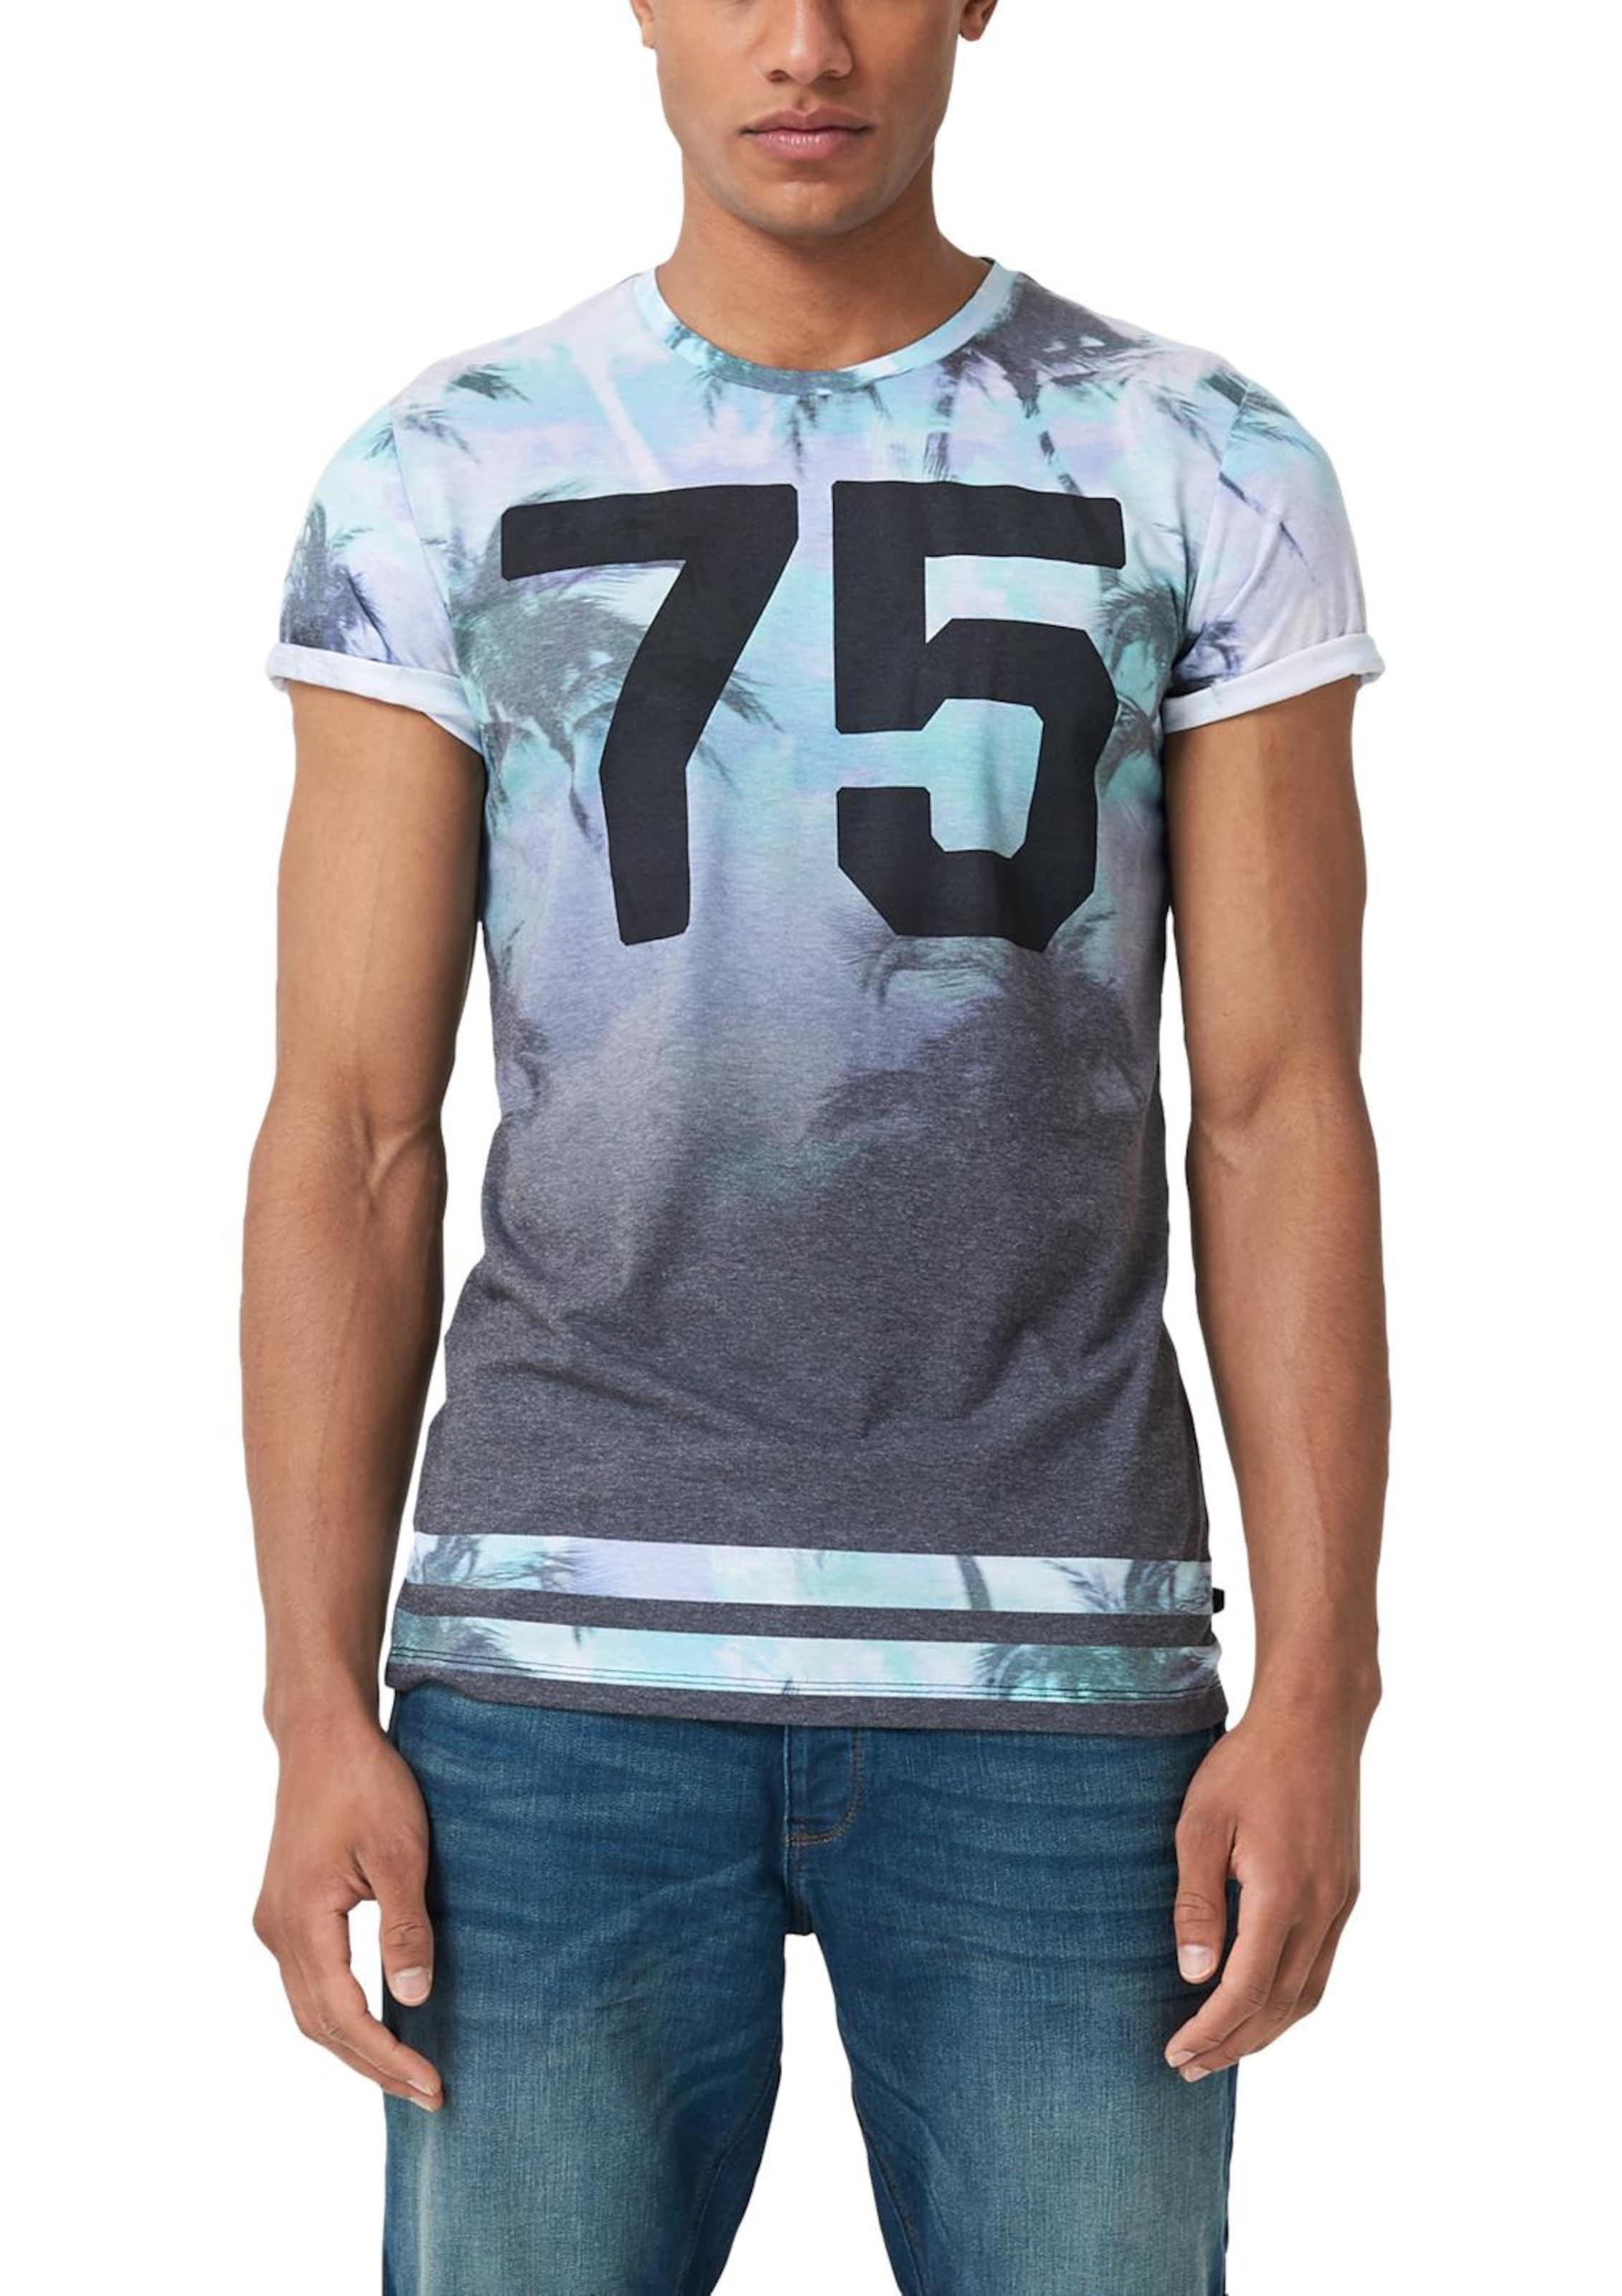 MarineOpal Hellblau Shirt In Q By Schwarz s Designed FK3TJl1c